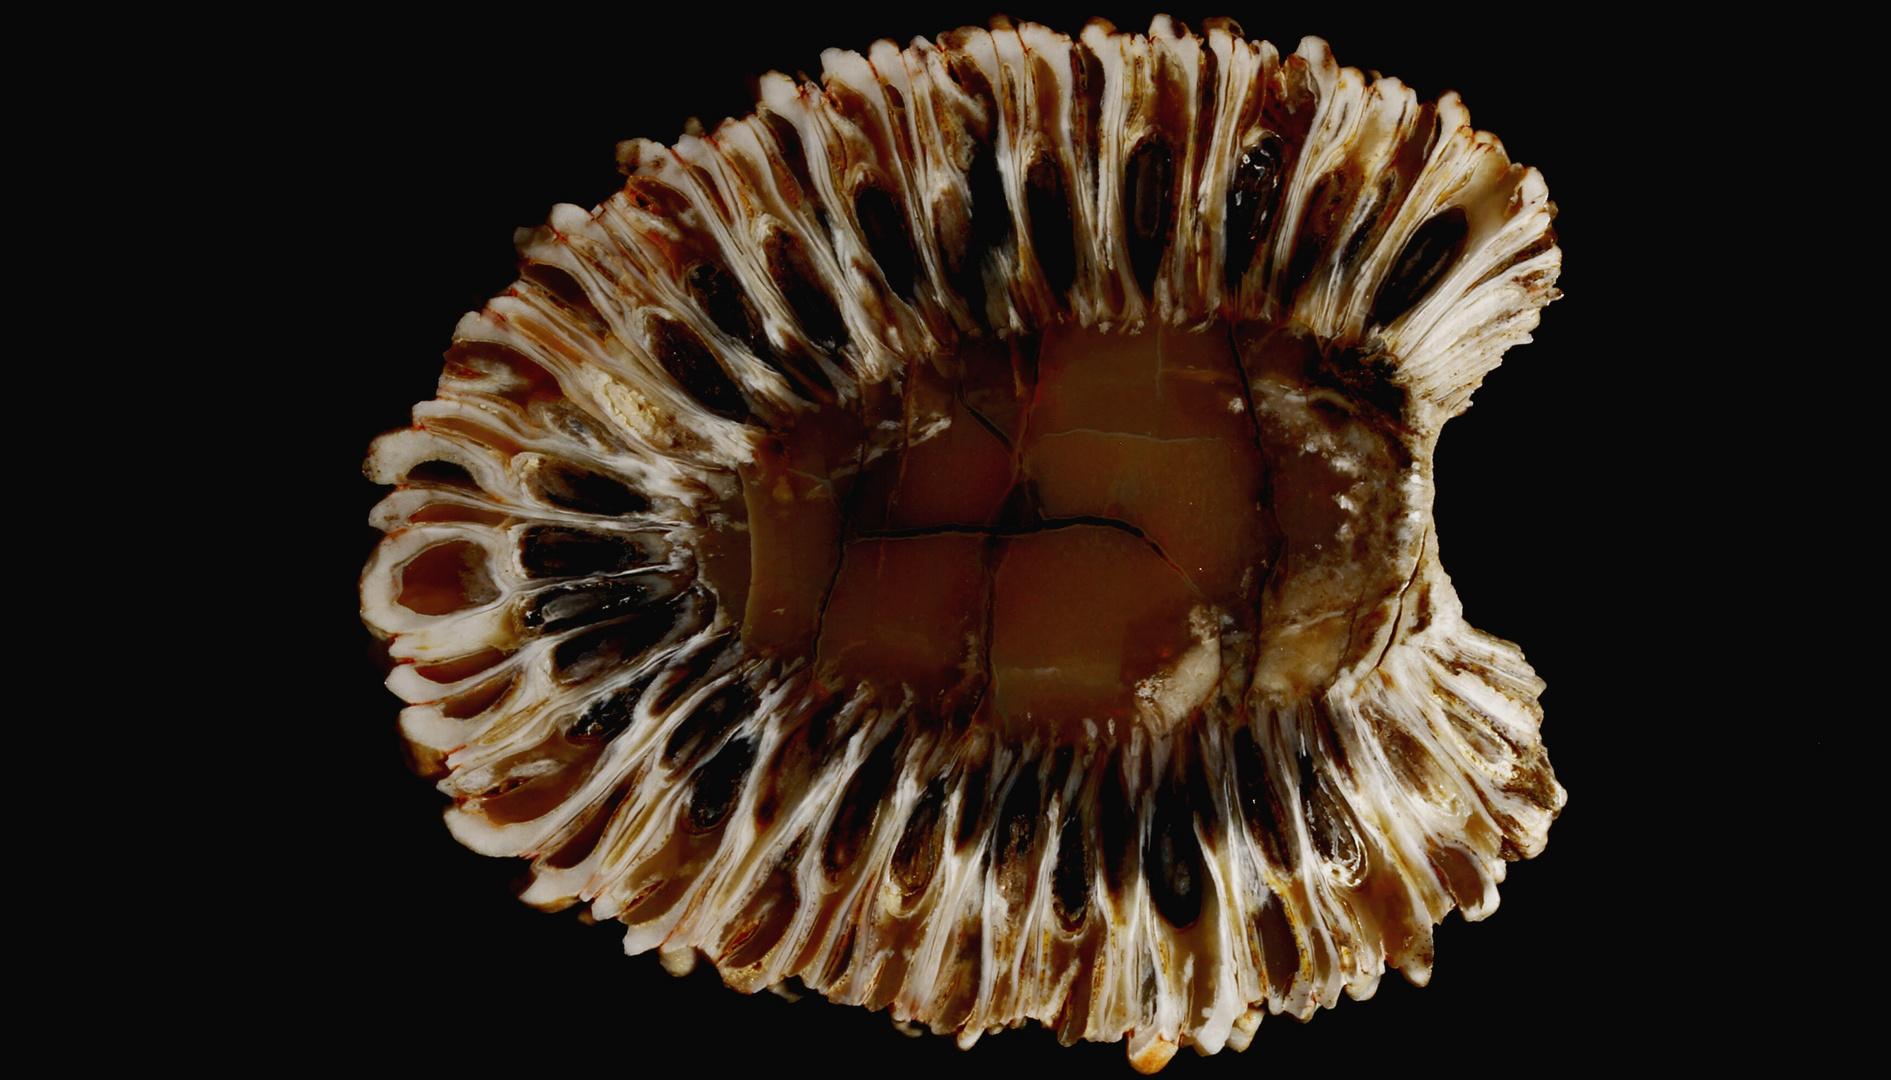 Paläobotanik- versteinerter ARAUCARIA Zapfen, Patagonien (210 Mio. Jahre alt)